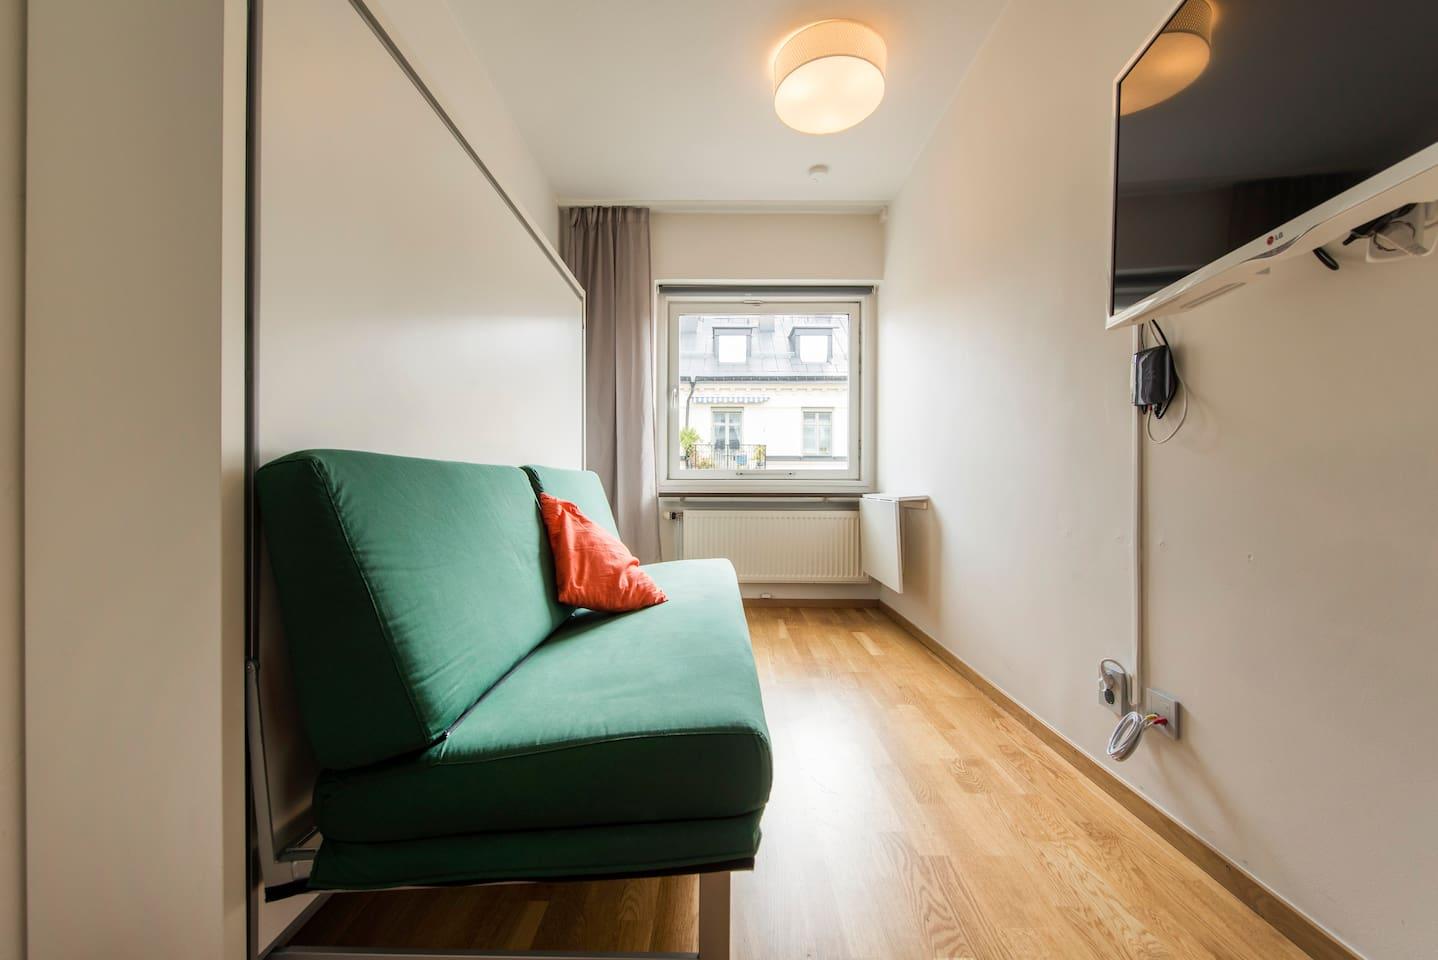 Central mini-lägenhet, hotellkänsla - Lägenheter att hyra i ...